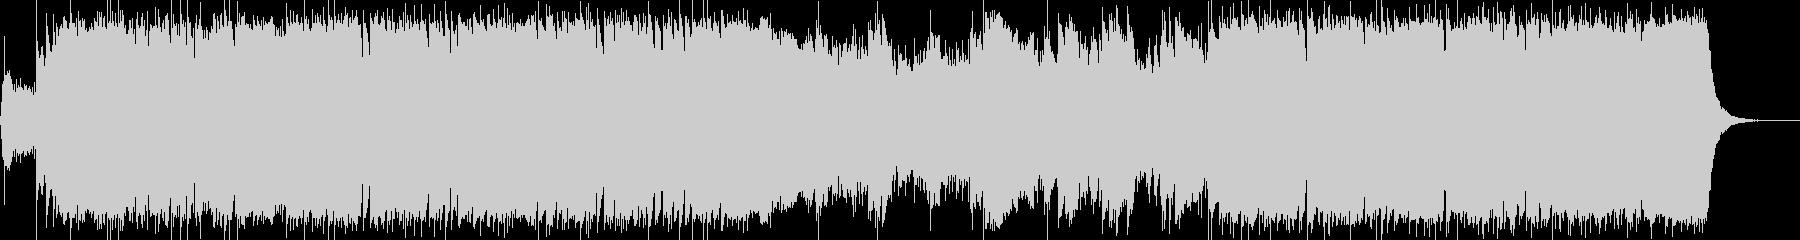 ダークファンタジーオーケストラ戦闘曲73の未再生の波形